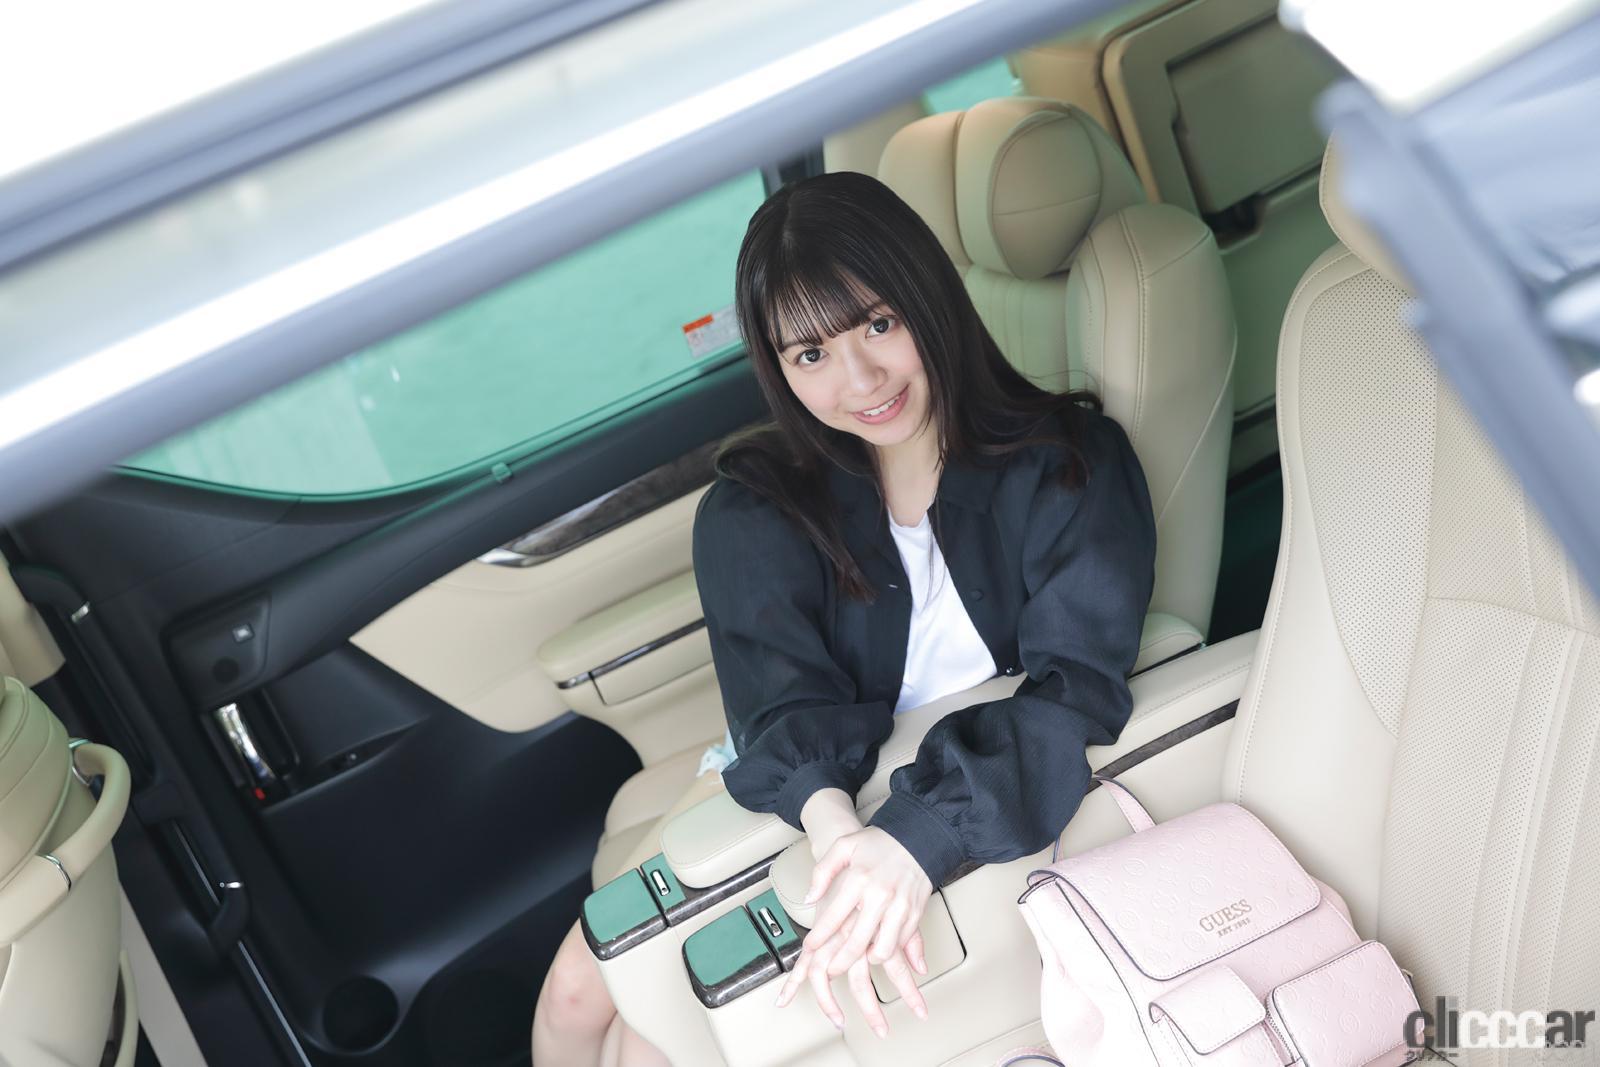 「「ちょっと怖いミニバン」辻谷エミリ×トヨタ・アルファード【注目モデルでドライブデート!? Vol.87】」の8枚目の画像